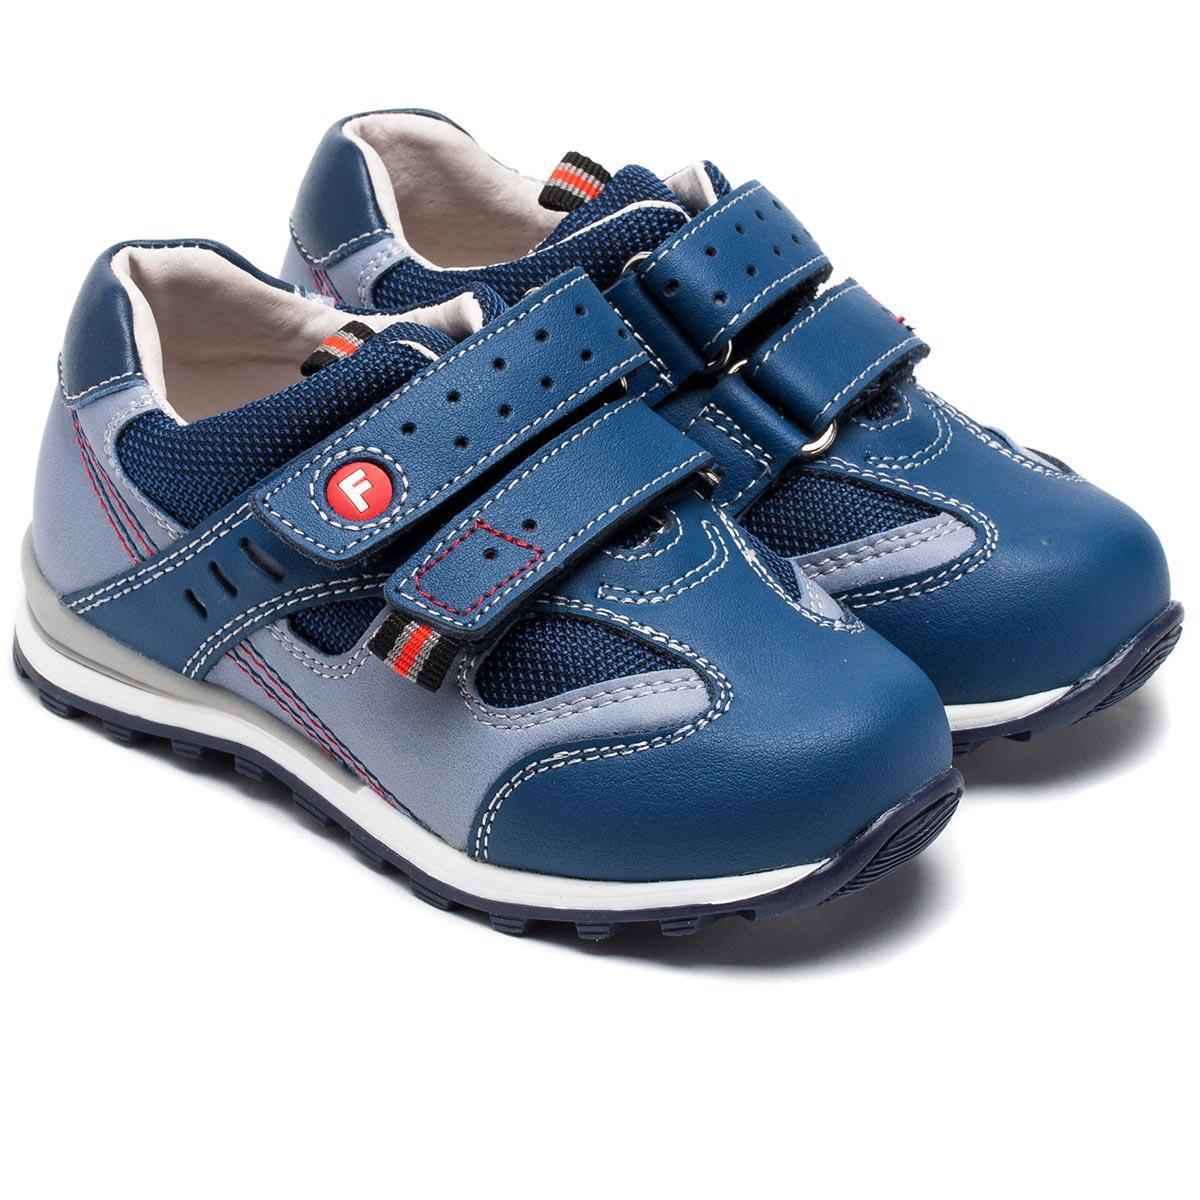 Кожаные кроссовки для мальчика ТМ Фламинго, размер 22-27